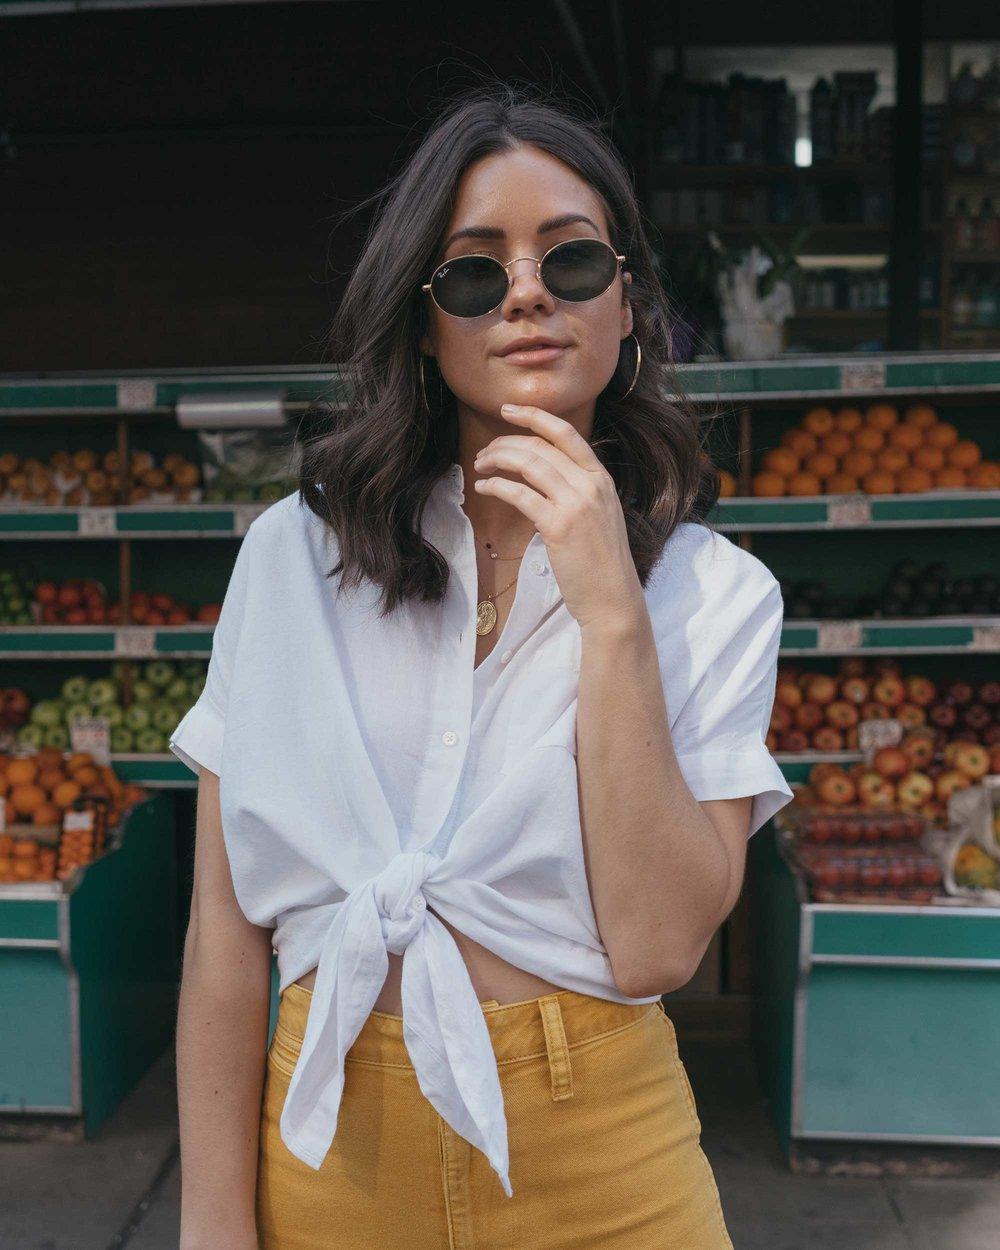 Madewell emmett wide-leg crop pants Round Woven Bag short-sleeve tie-front shirt summer outfit fruit stand new york7.jpg